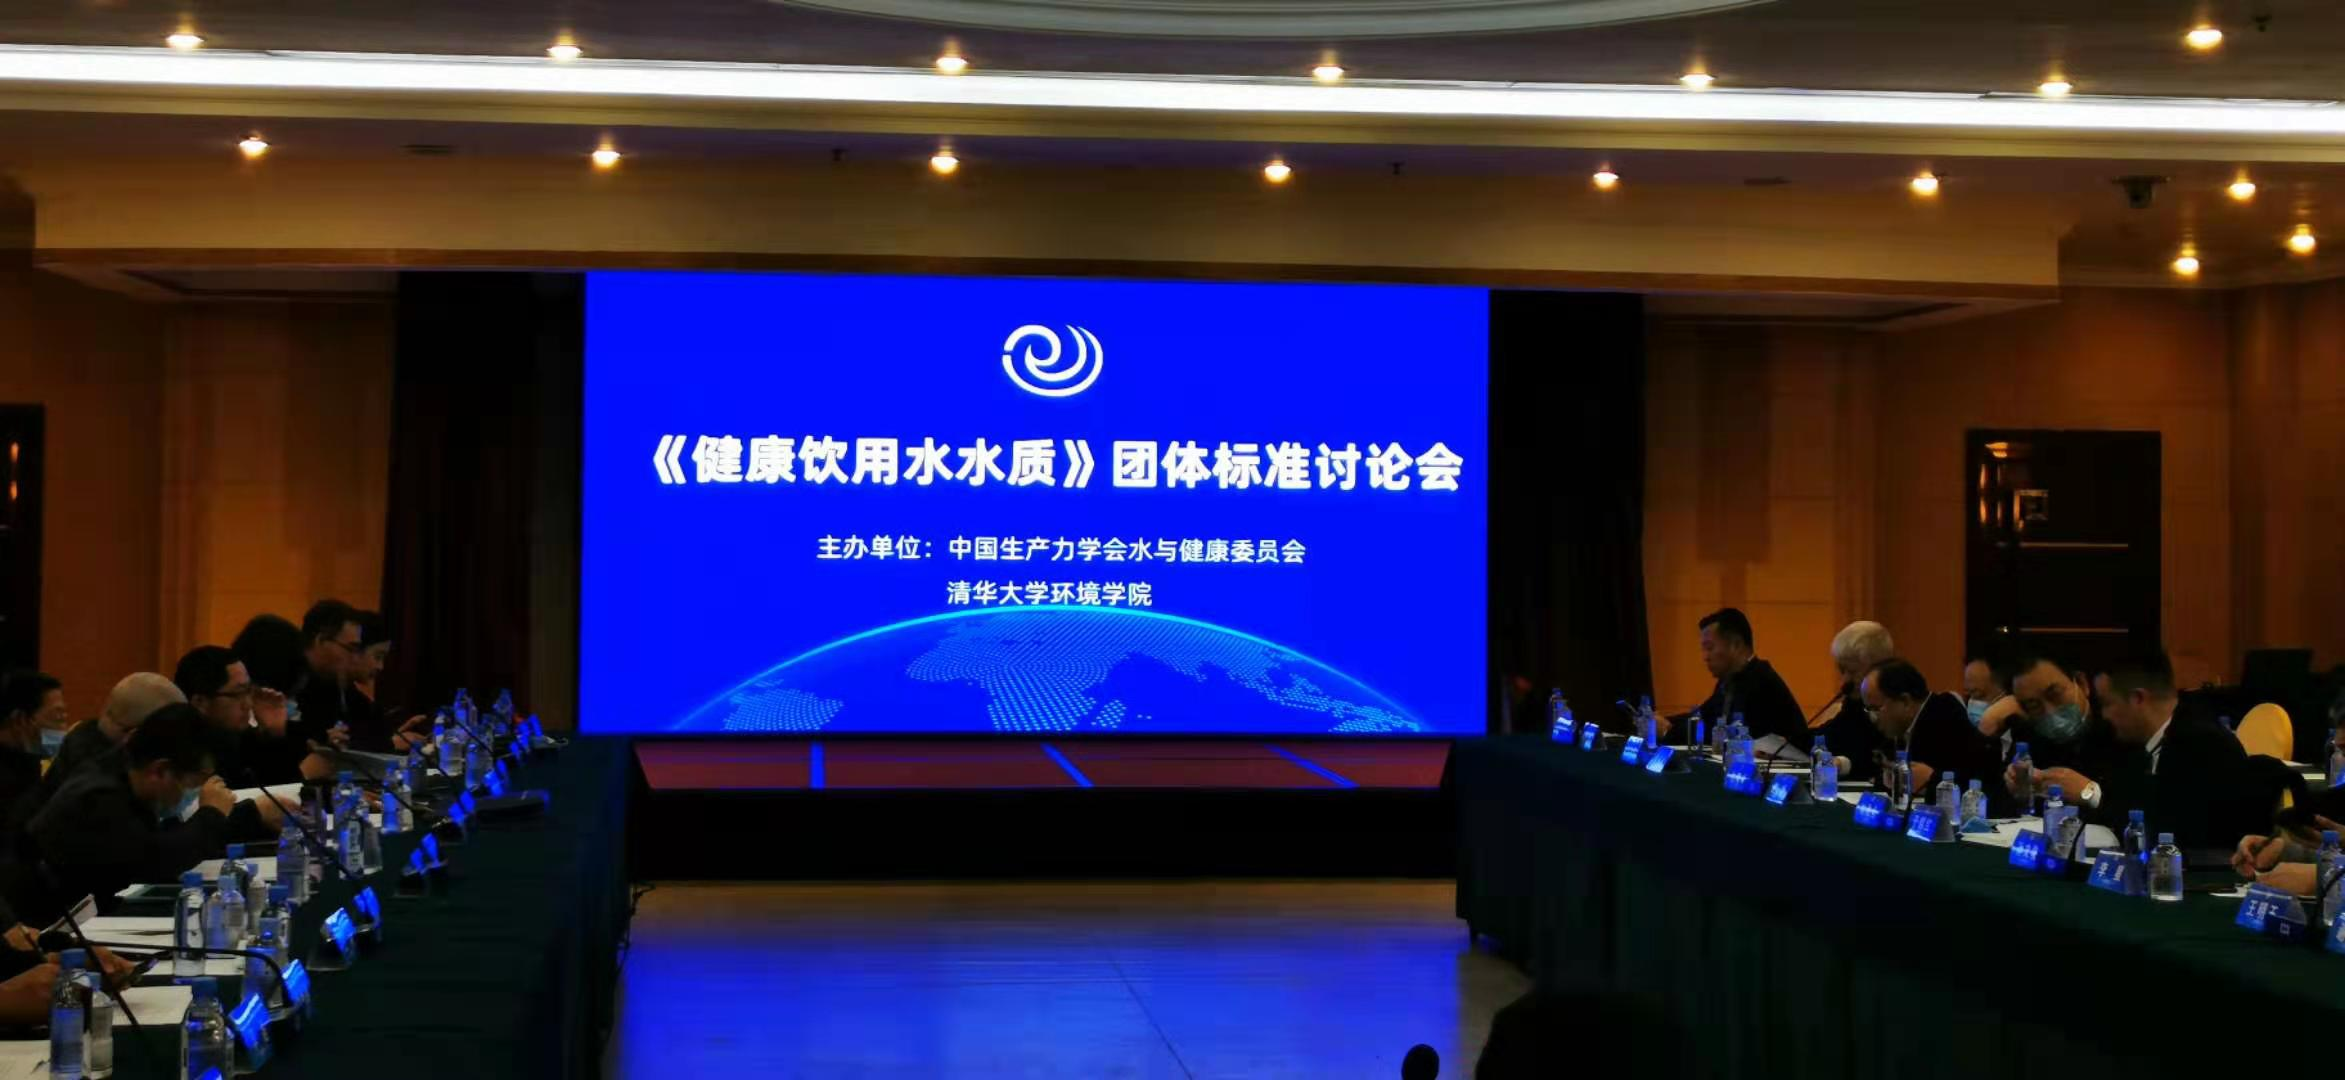 蓝氏瑶董事长安焕庭参加《健康饮用水水质》团体标准讨论会